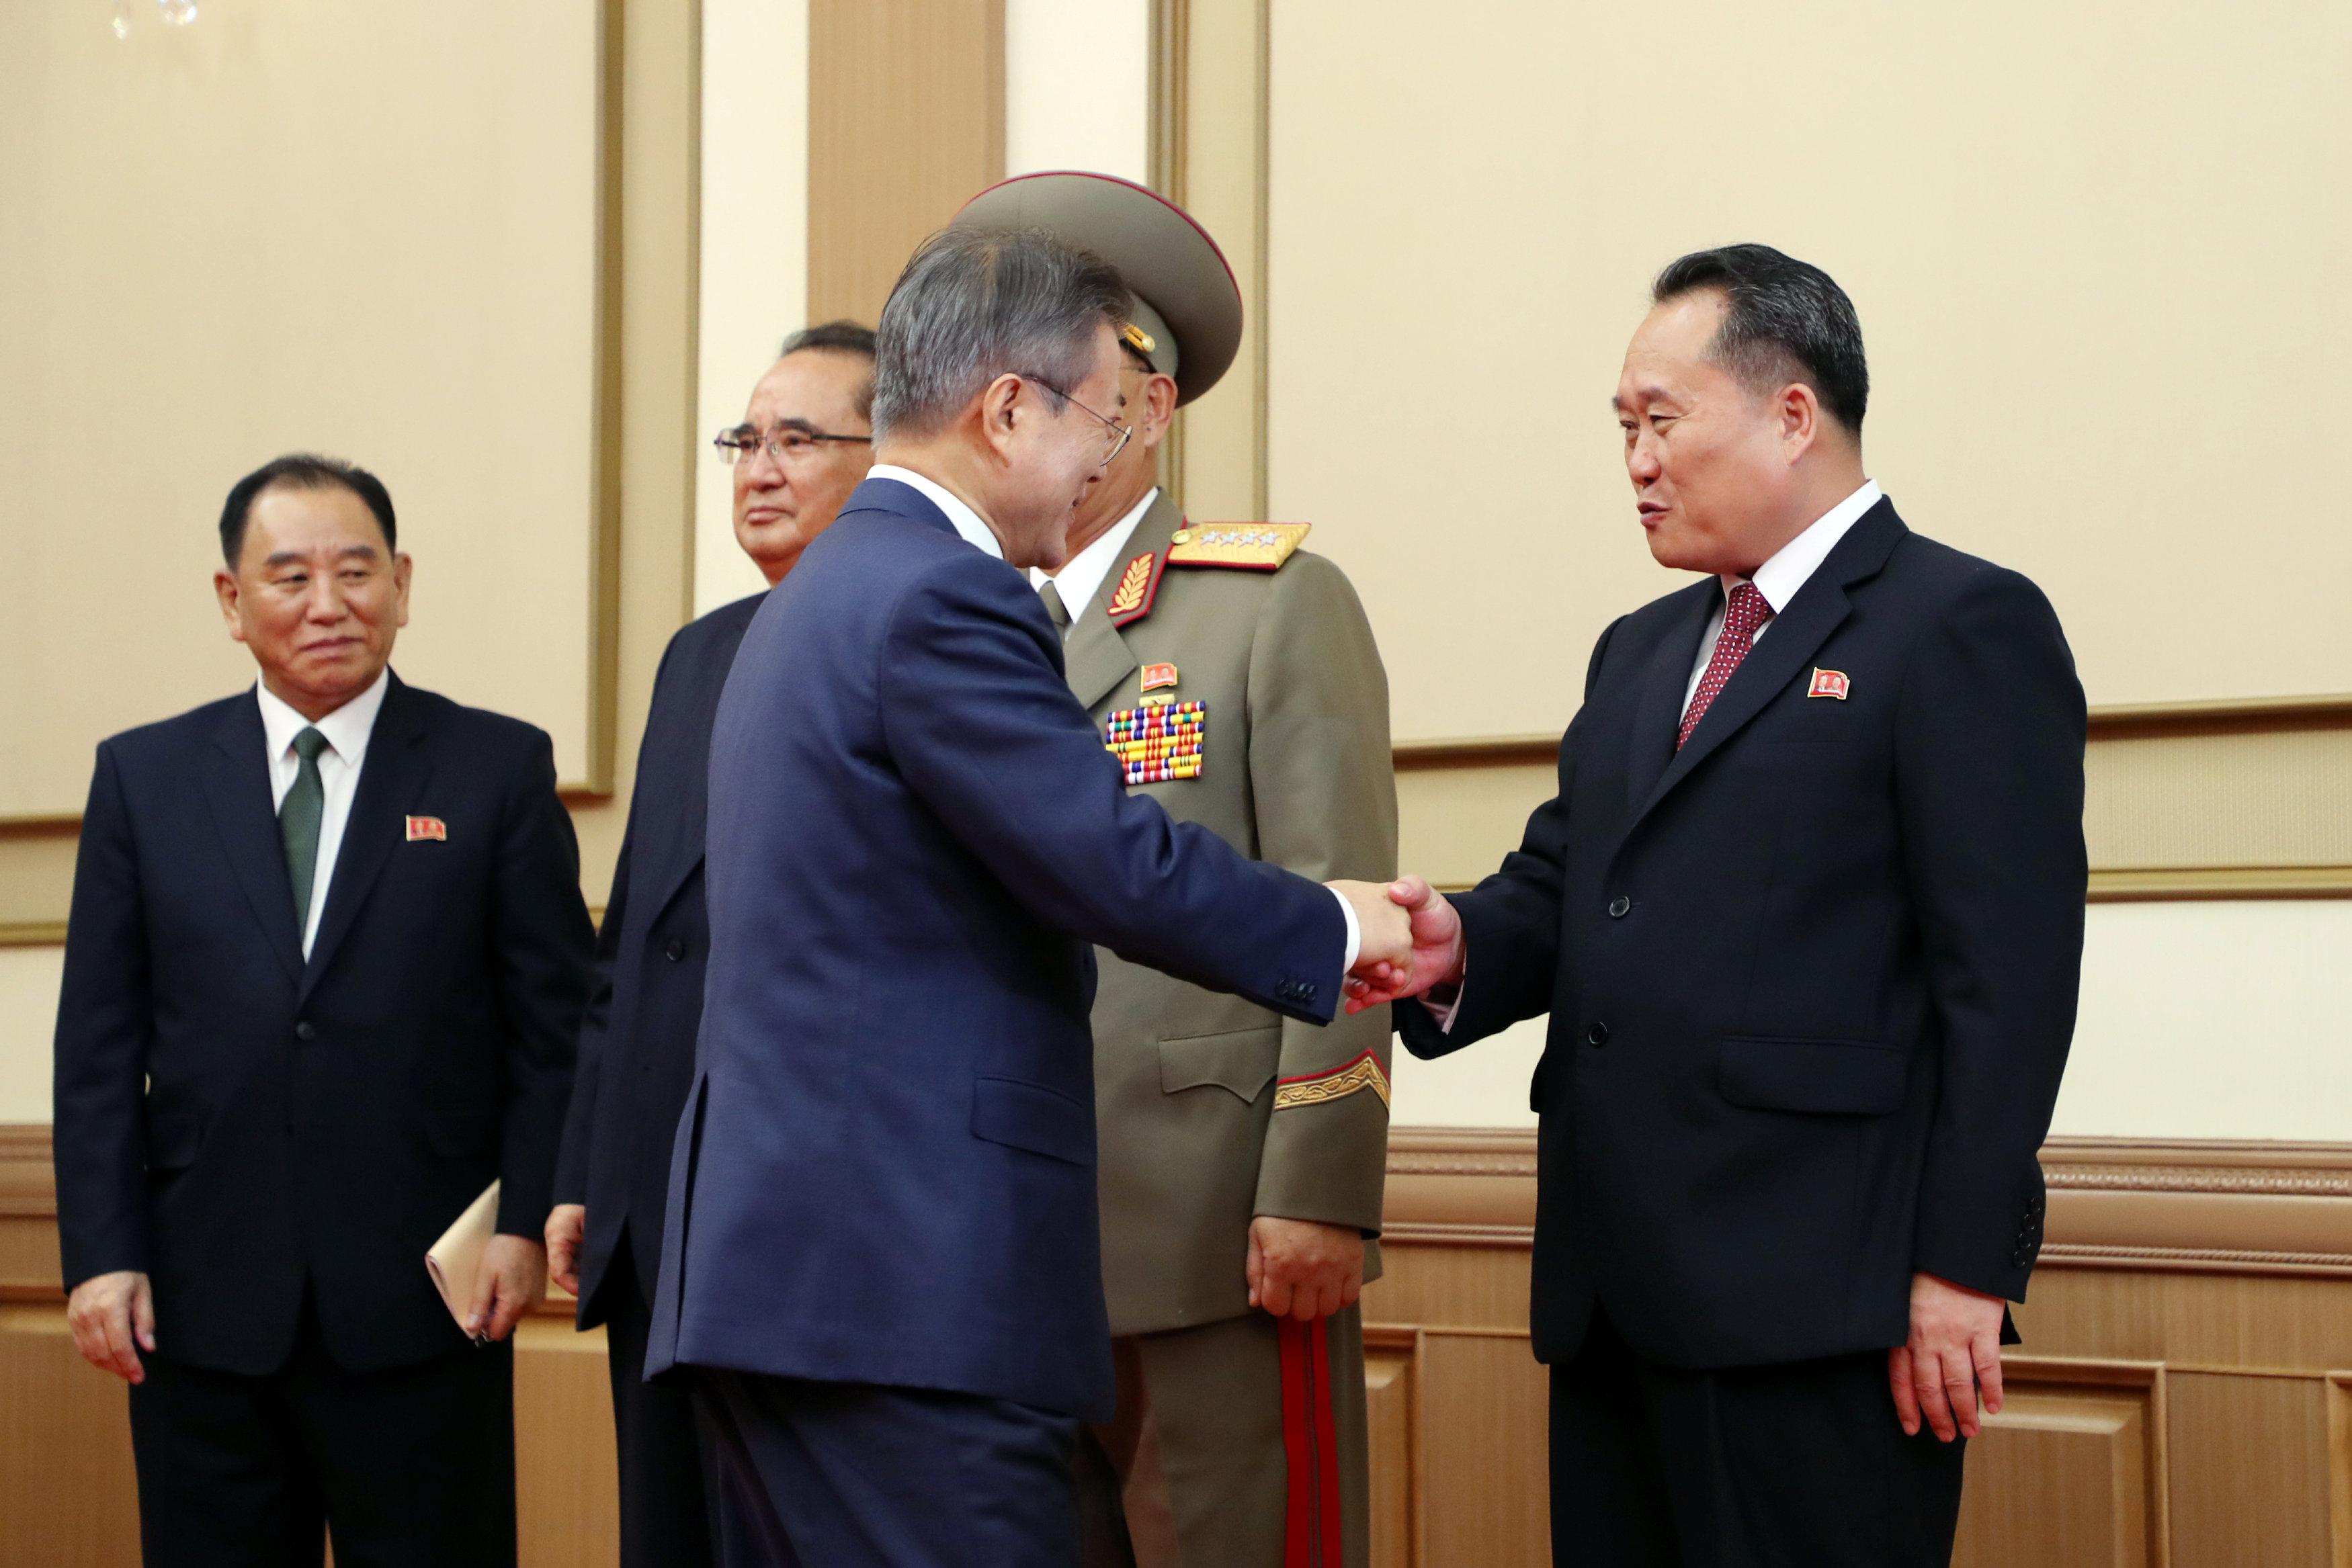 رئيس كوريا الجنوبية يصافح وزير خارجية كوريا الشمالية